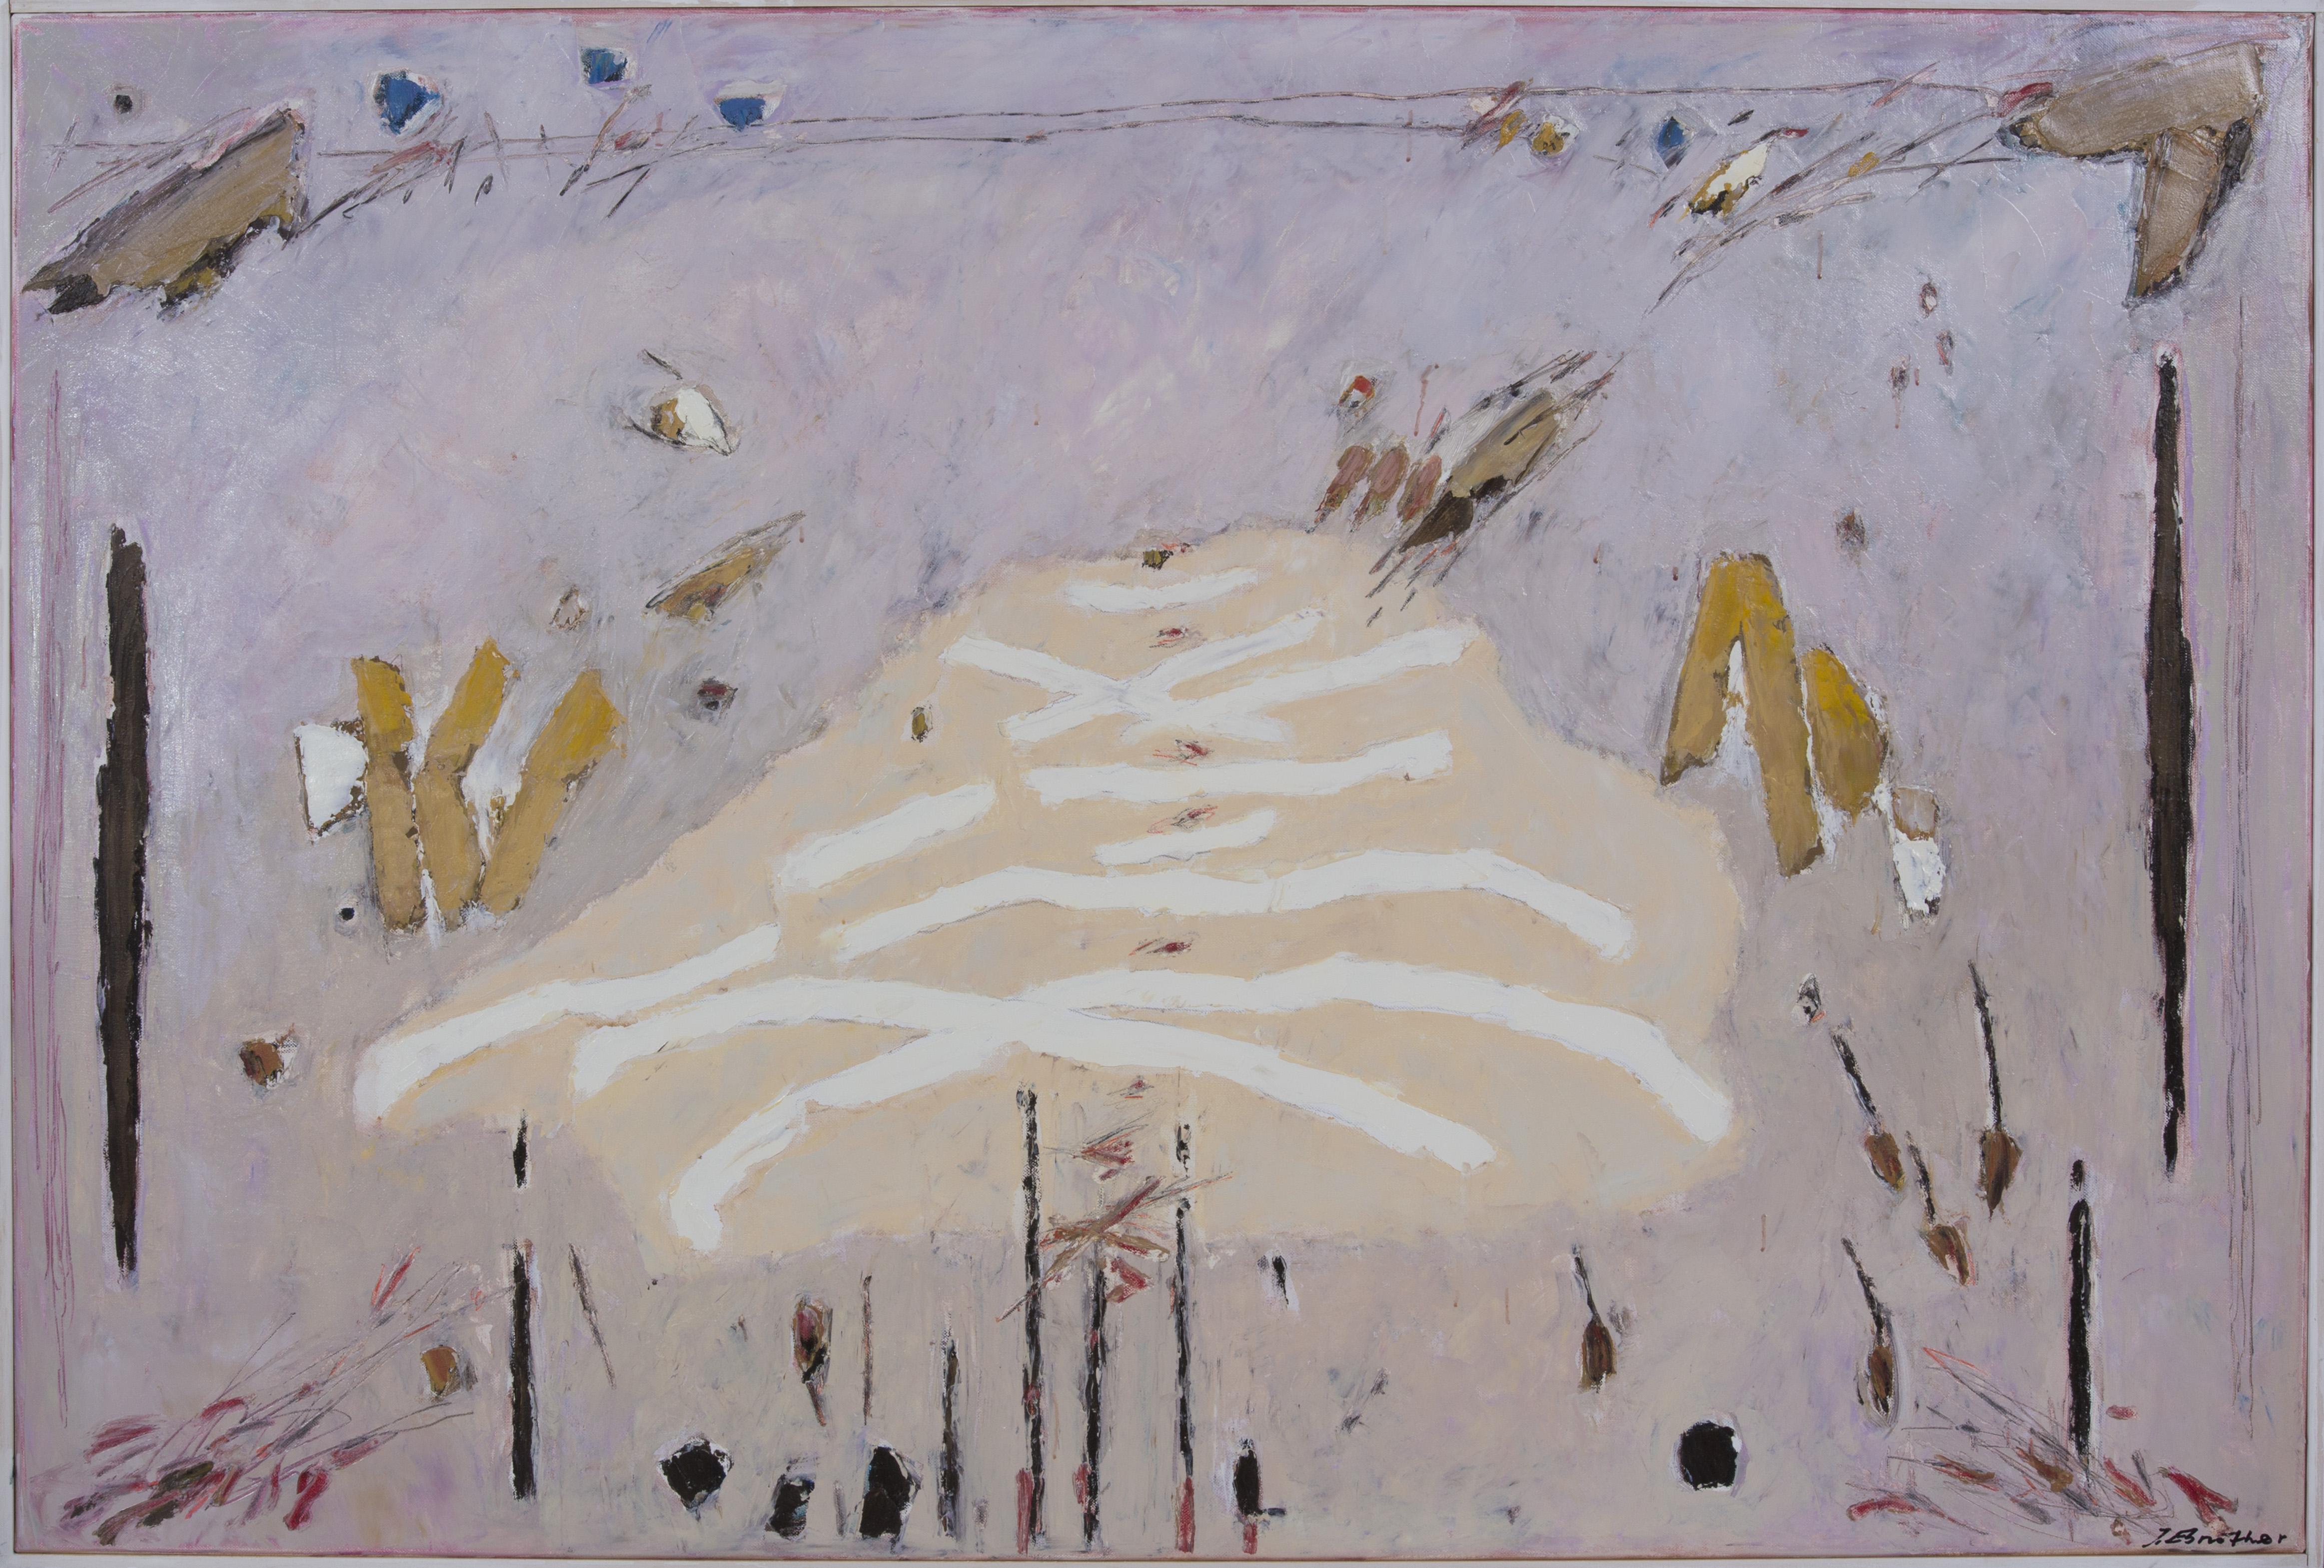 Josef Ebnöther, Malerei, Vielfältiges Geschehen